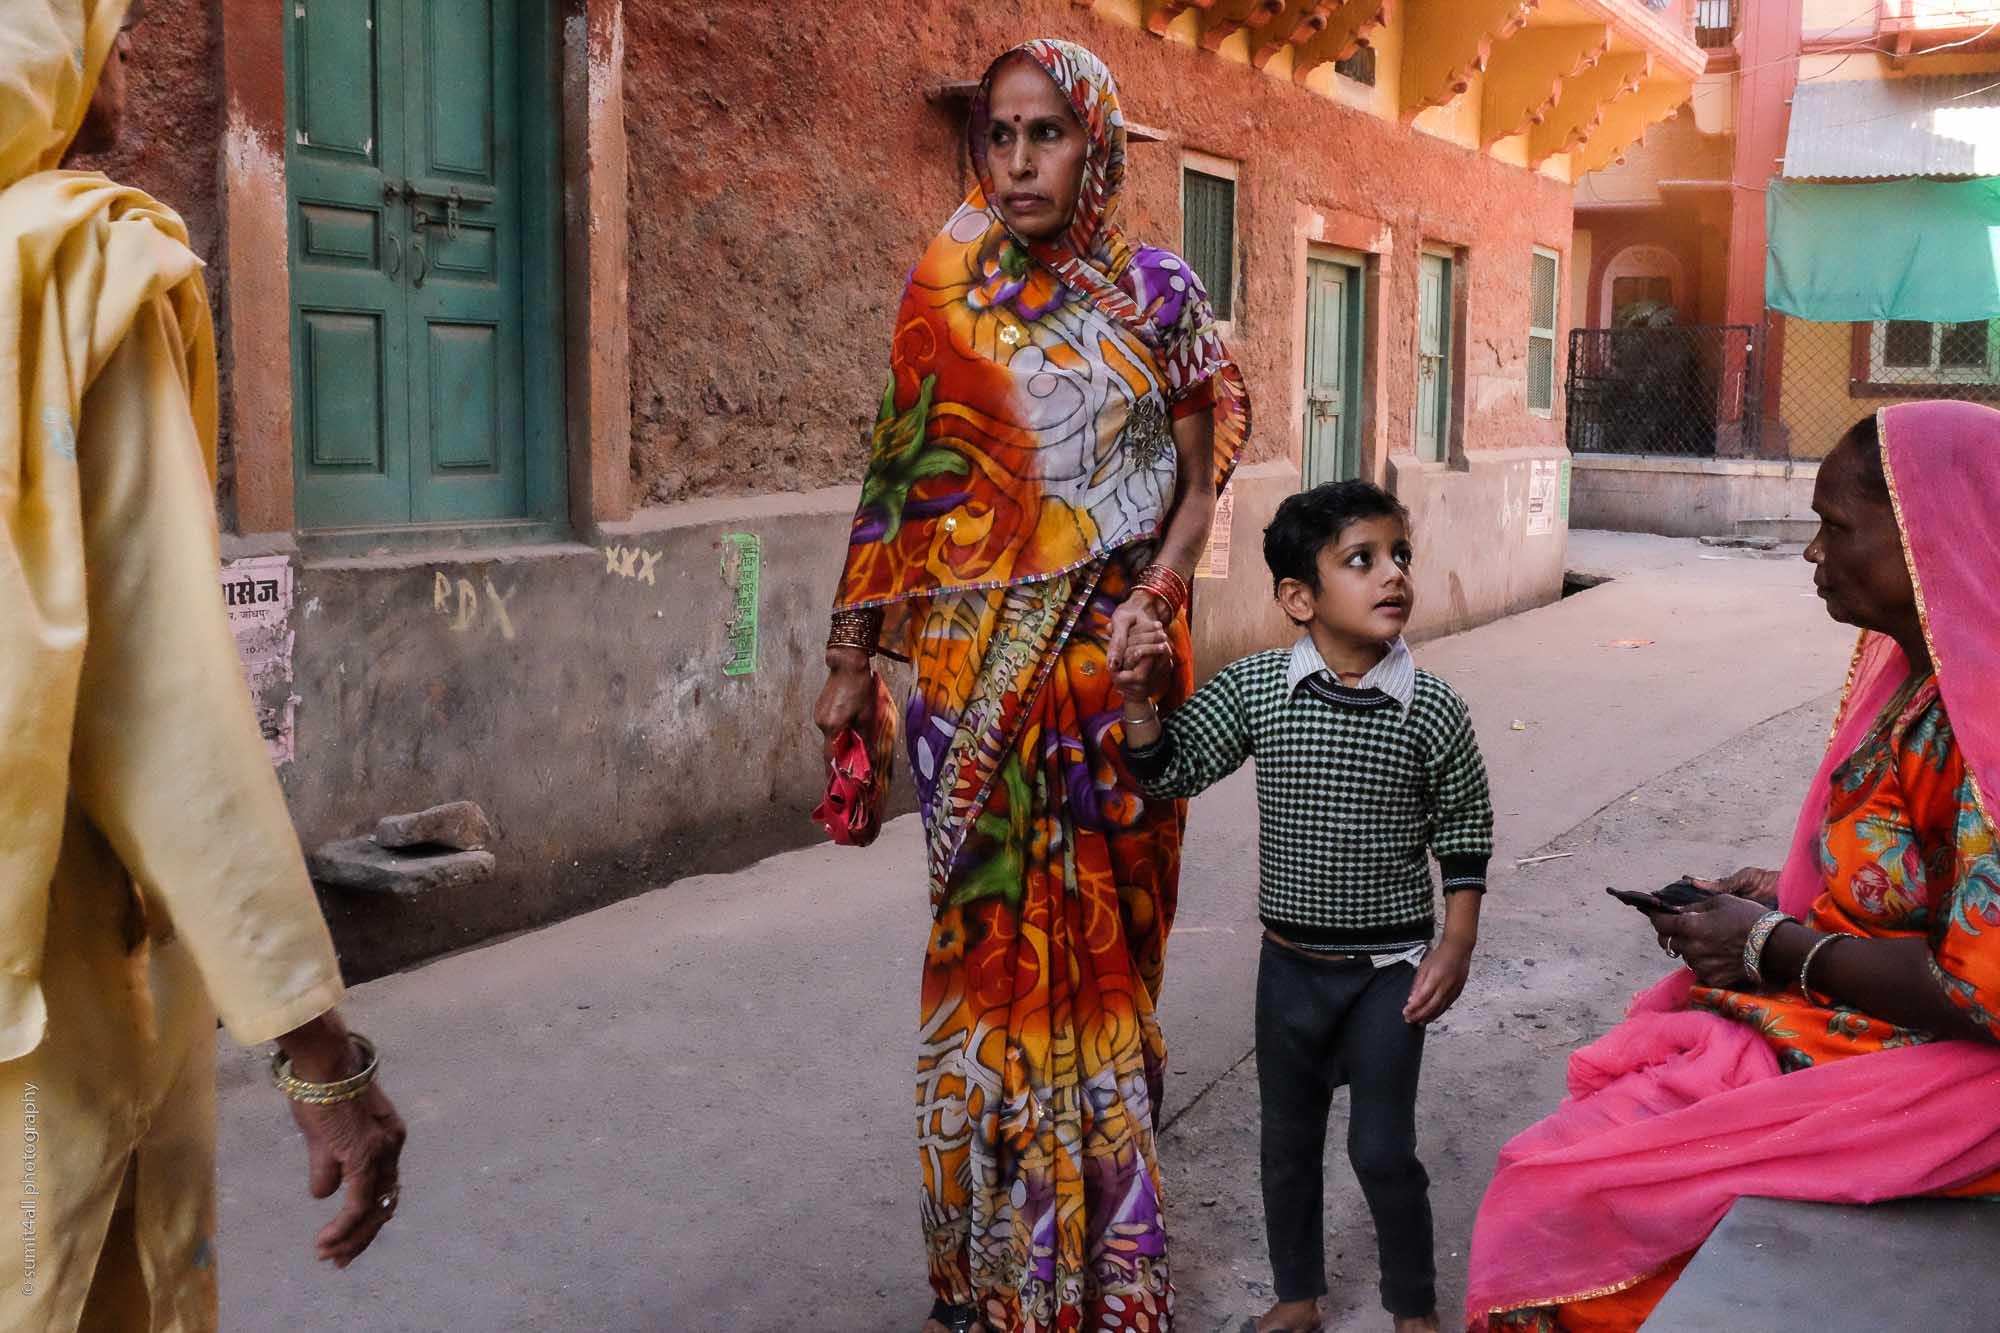 Street Scene, Jodhpur, Rajasthan